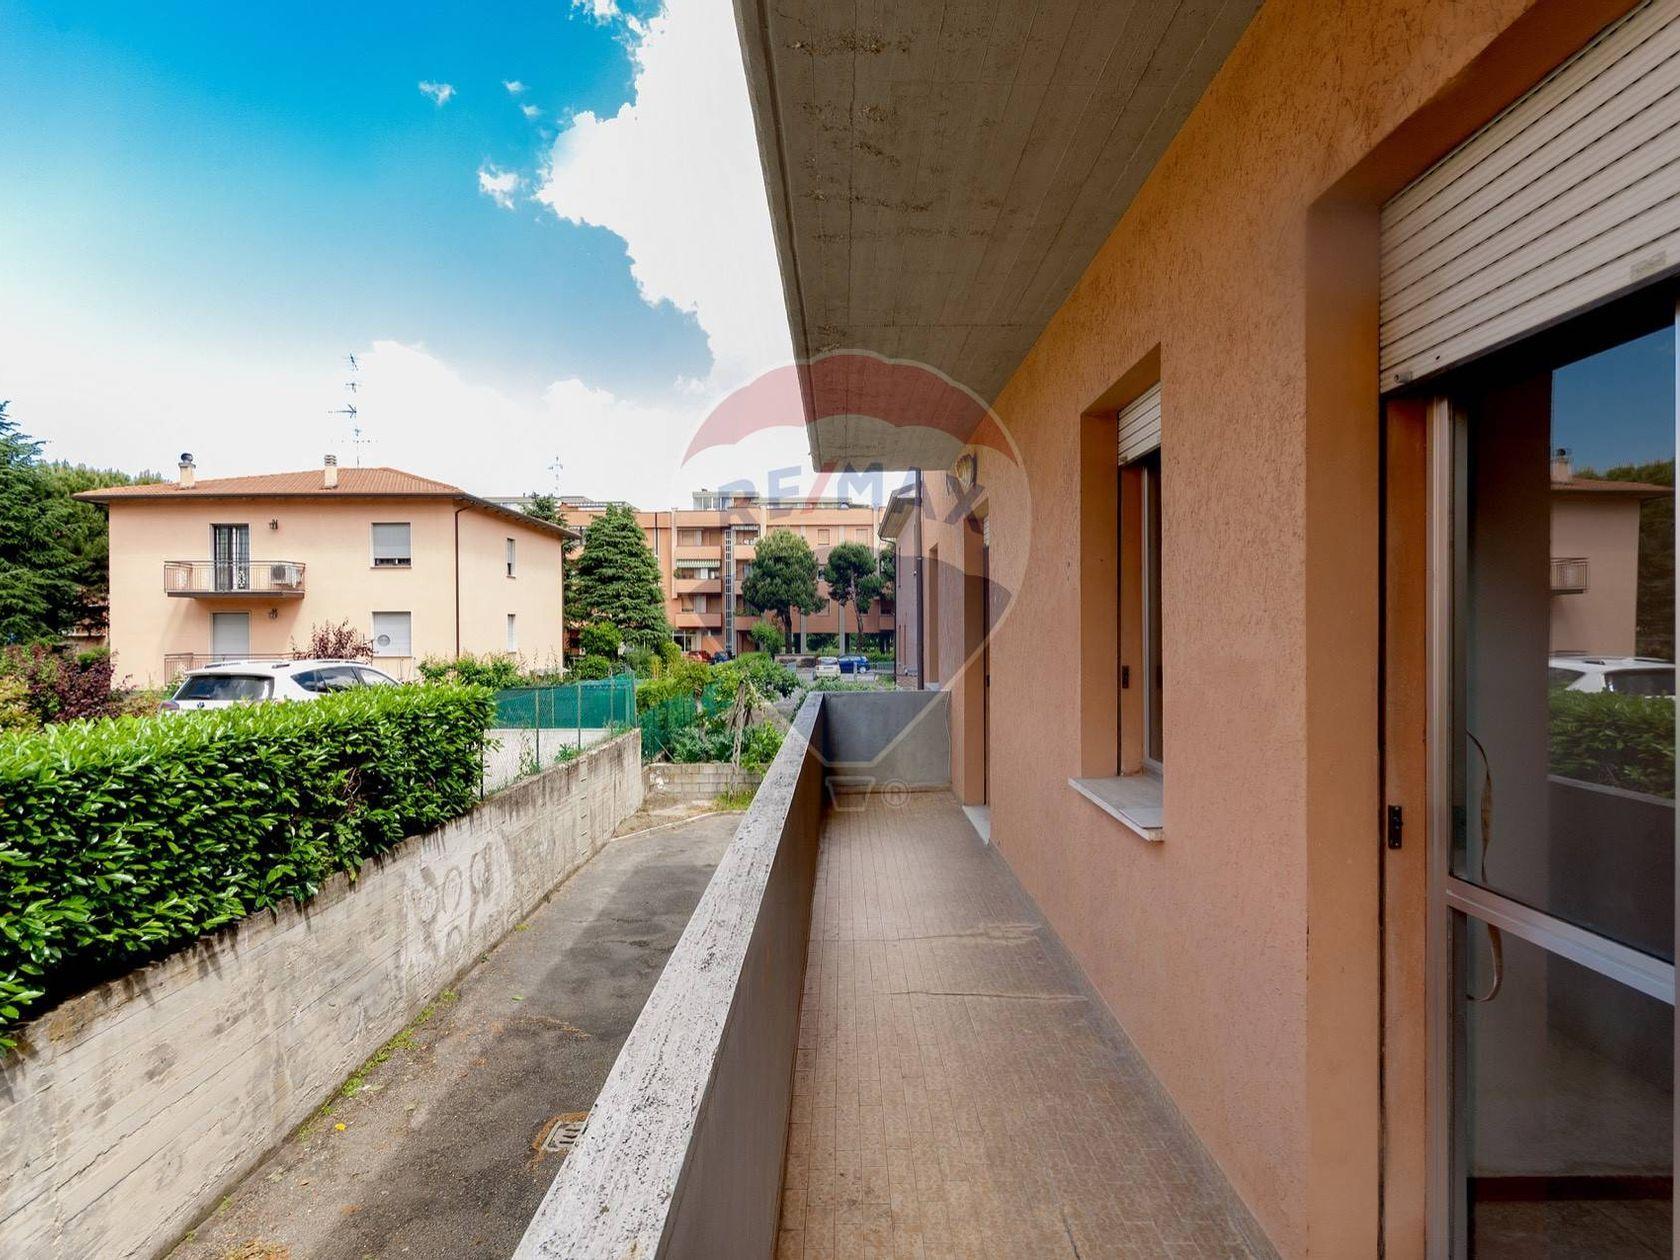 Casa Semindipendente Osteria Grande, Castel San Pietro Terme, BO Vendita - Foto 25